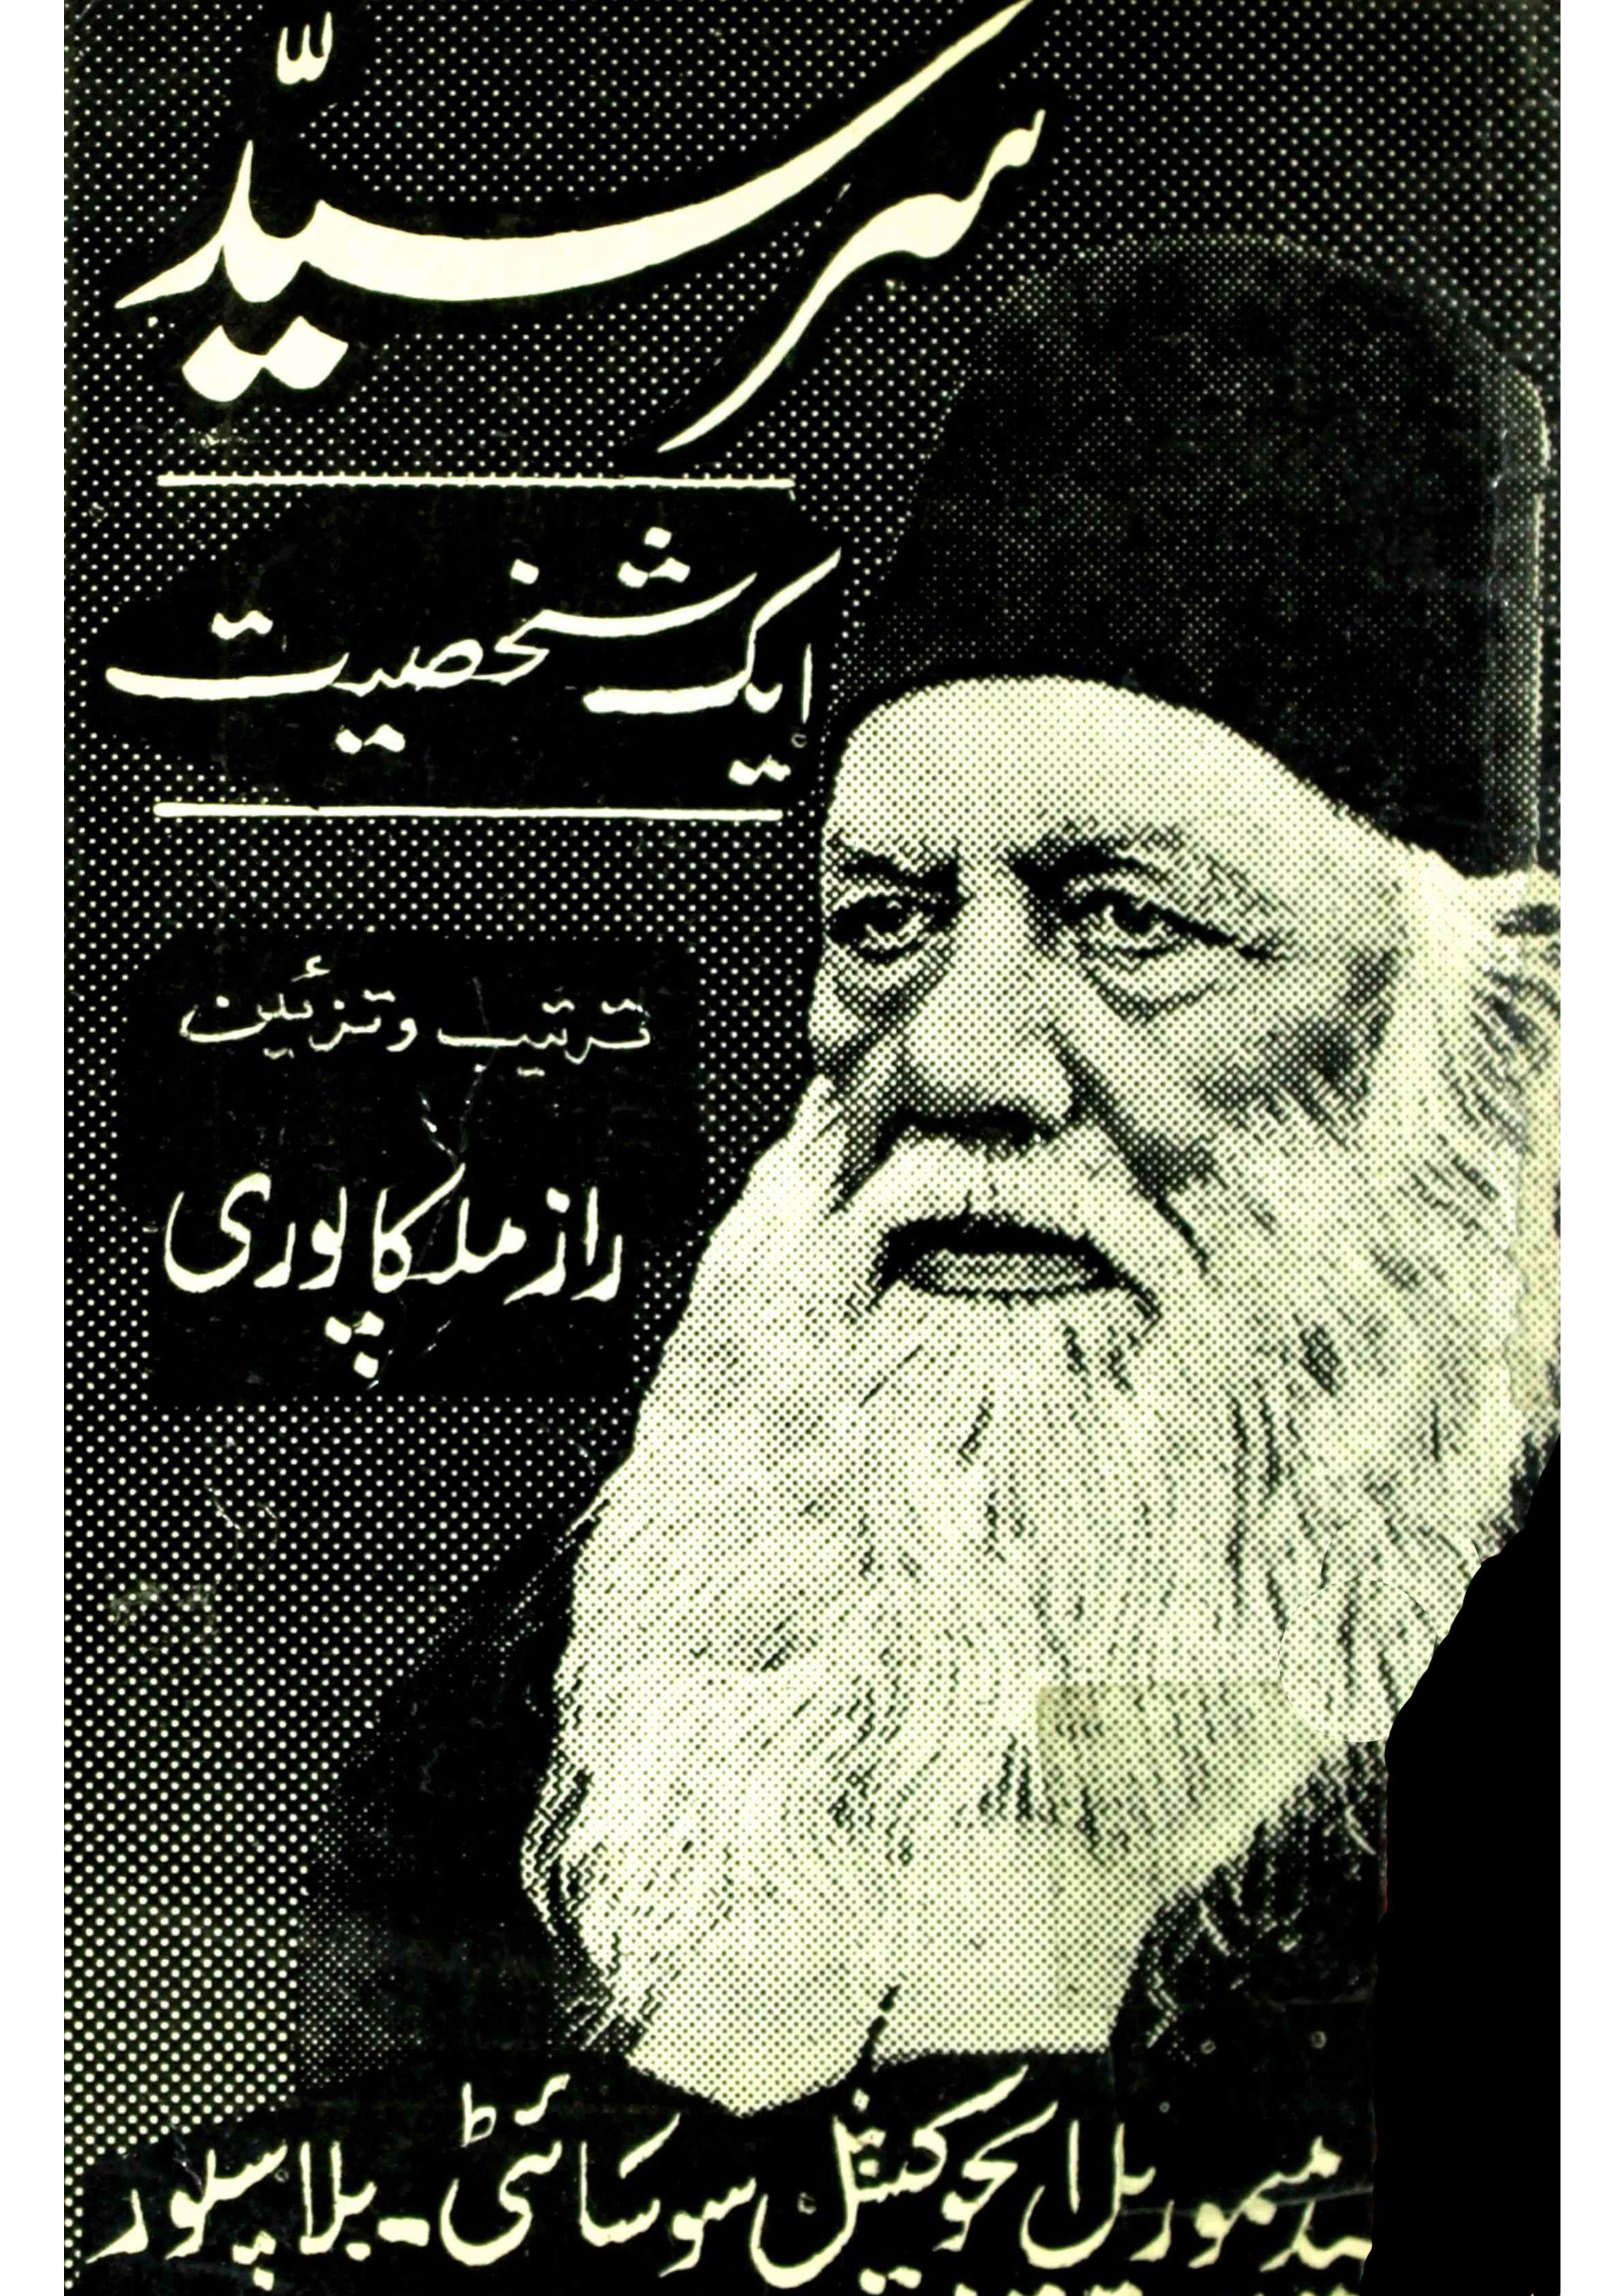 Sir Syed Ek Shakhsiyat